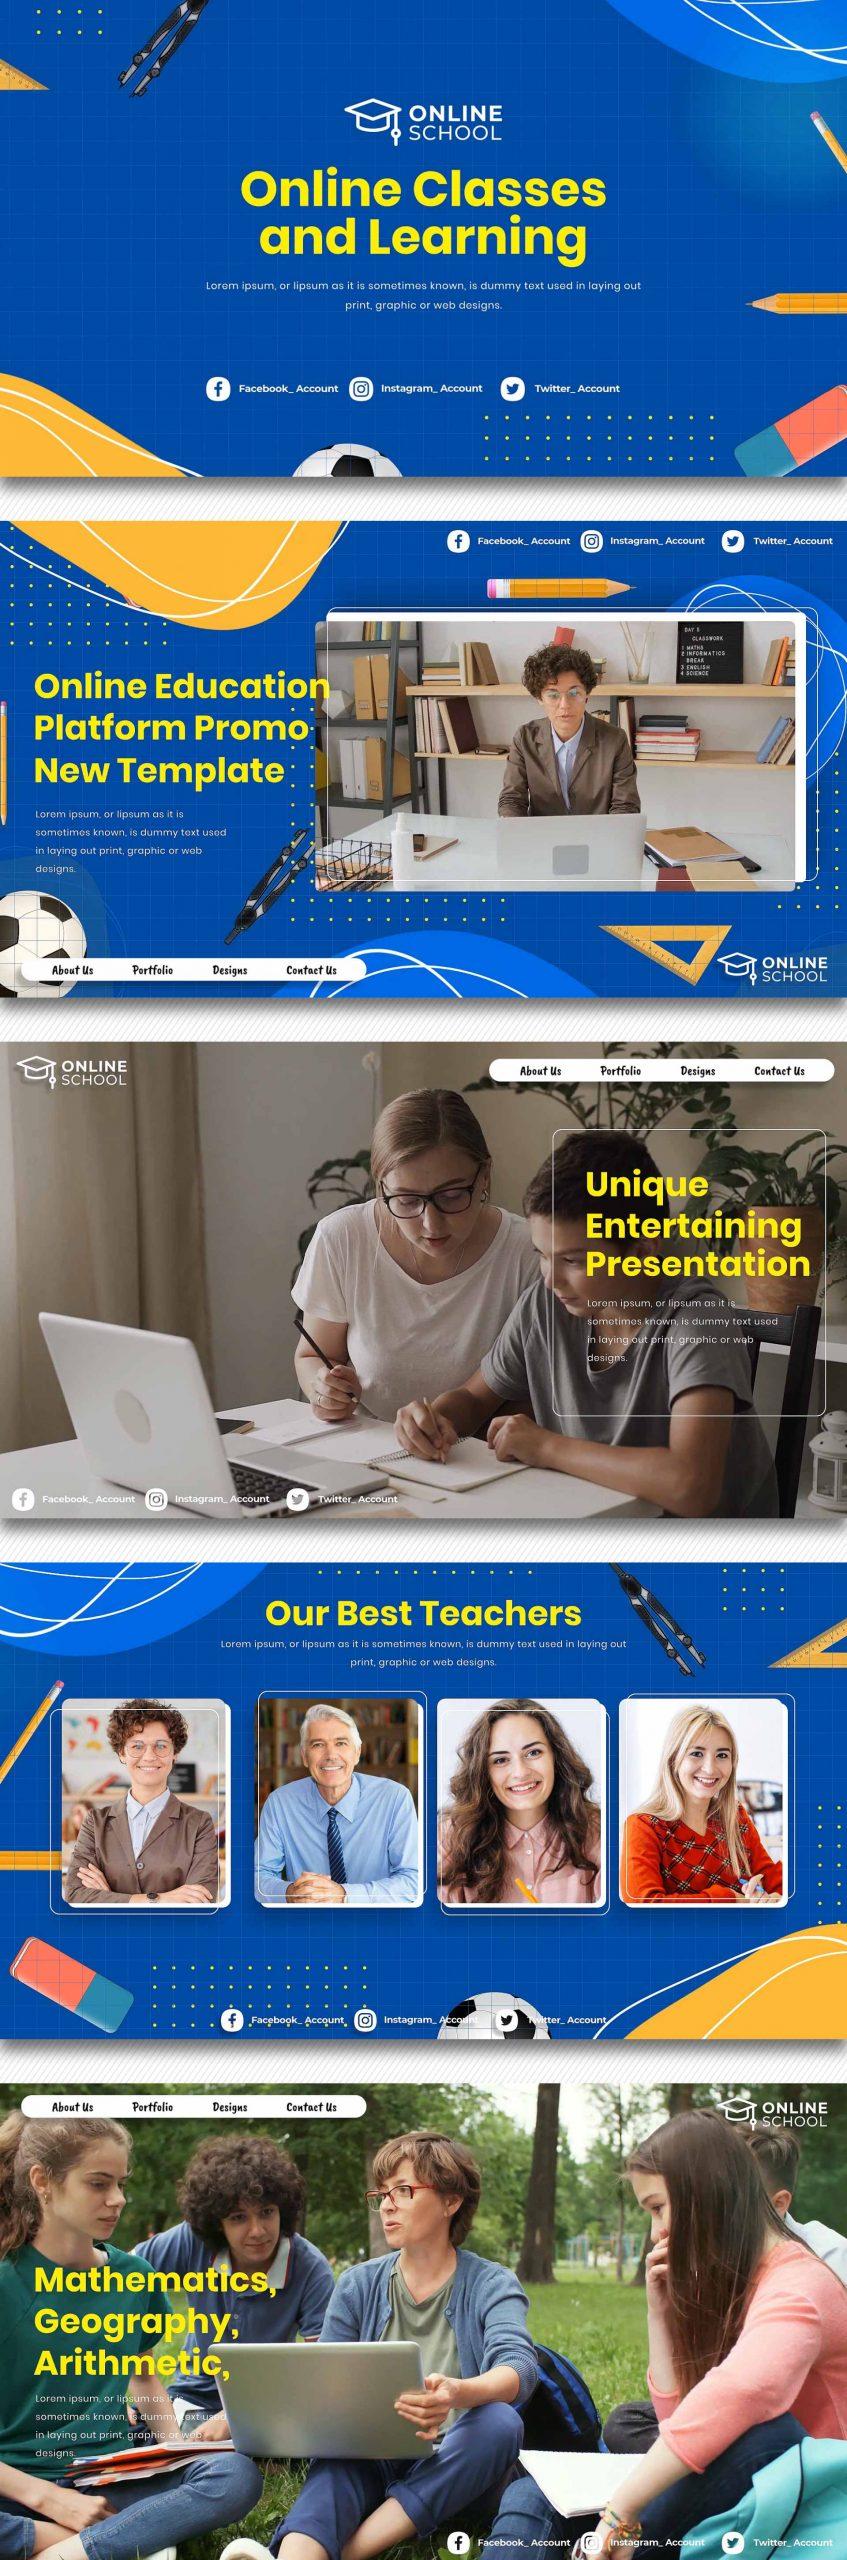 پروژه افترافکت کلاس مجازی